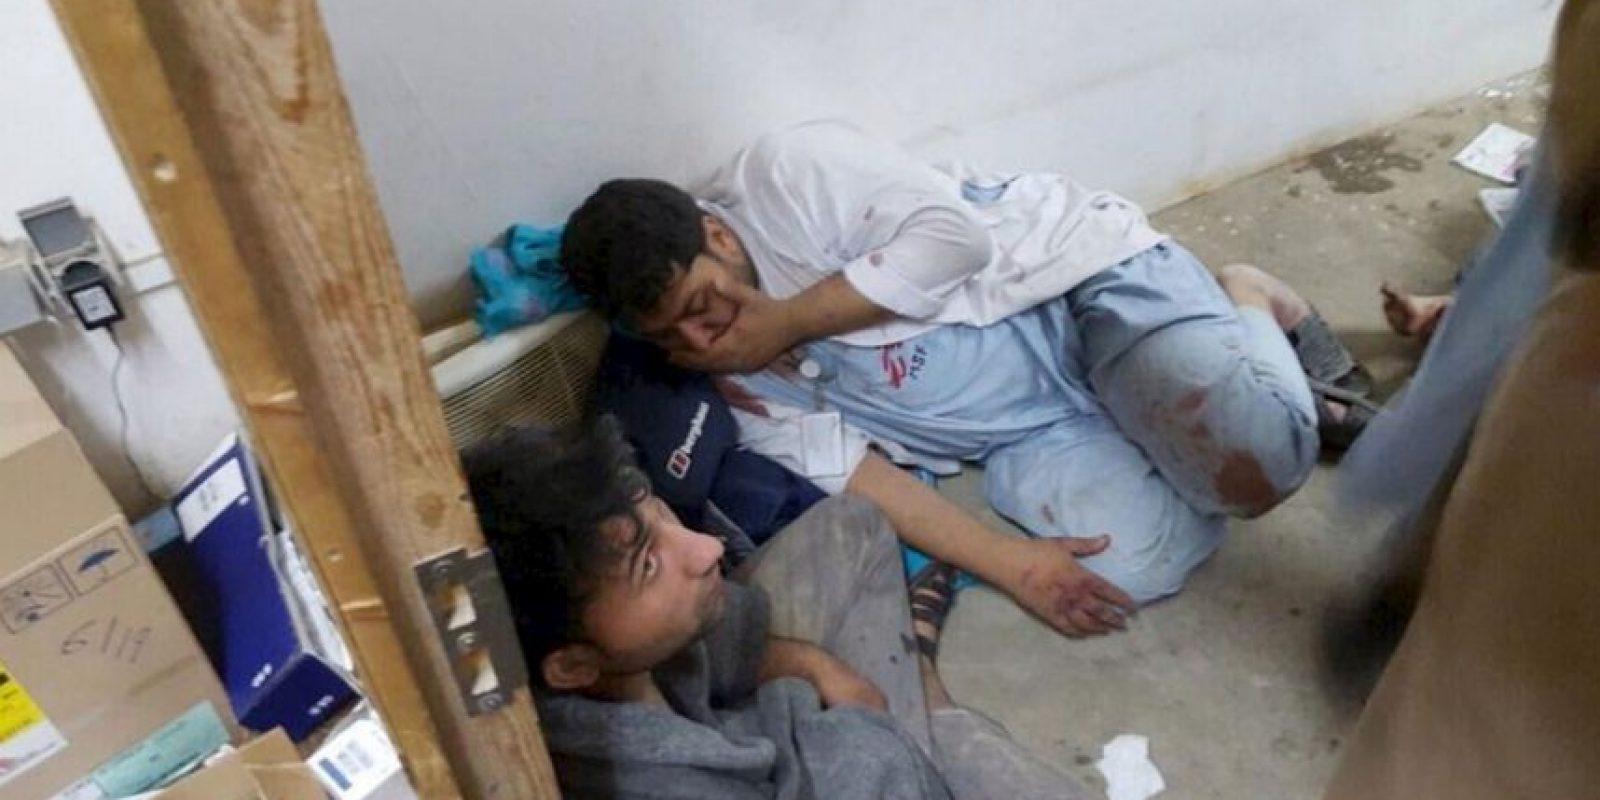 El presidente de Estados Unidos, Barack Obama, llamó a la presidenta de Médicos Sin Fronteras (MSF) para disculparse por el bombardeo contra el hospital en Afganistán. Foto:AP